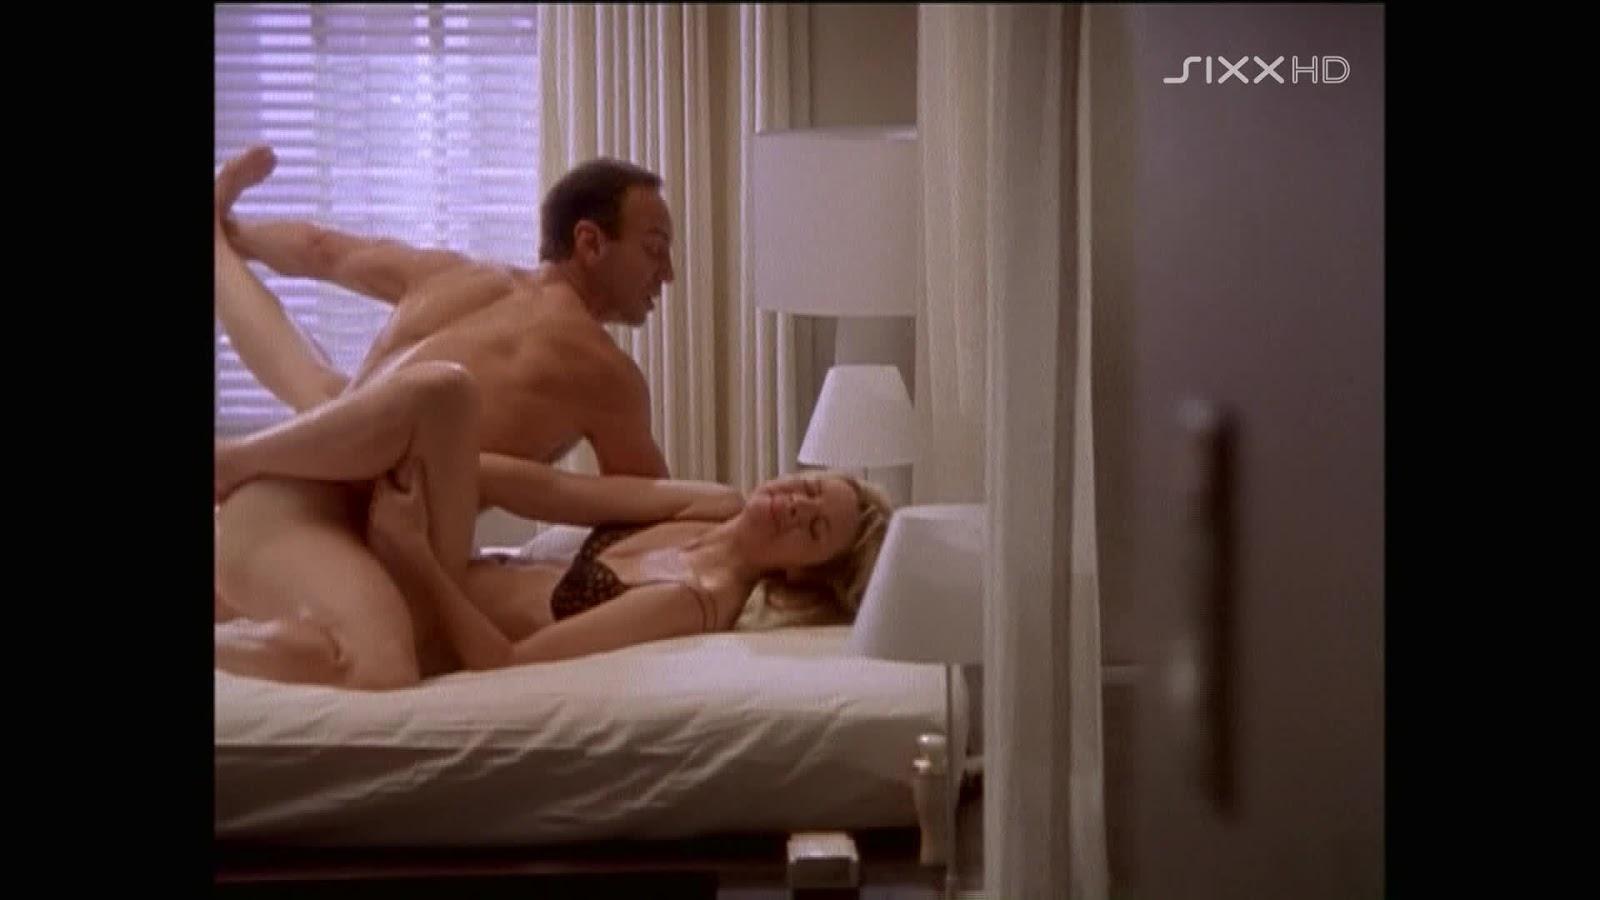 Обнаженные фото из секса в большом городе — 14